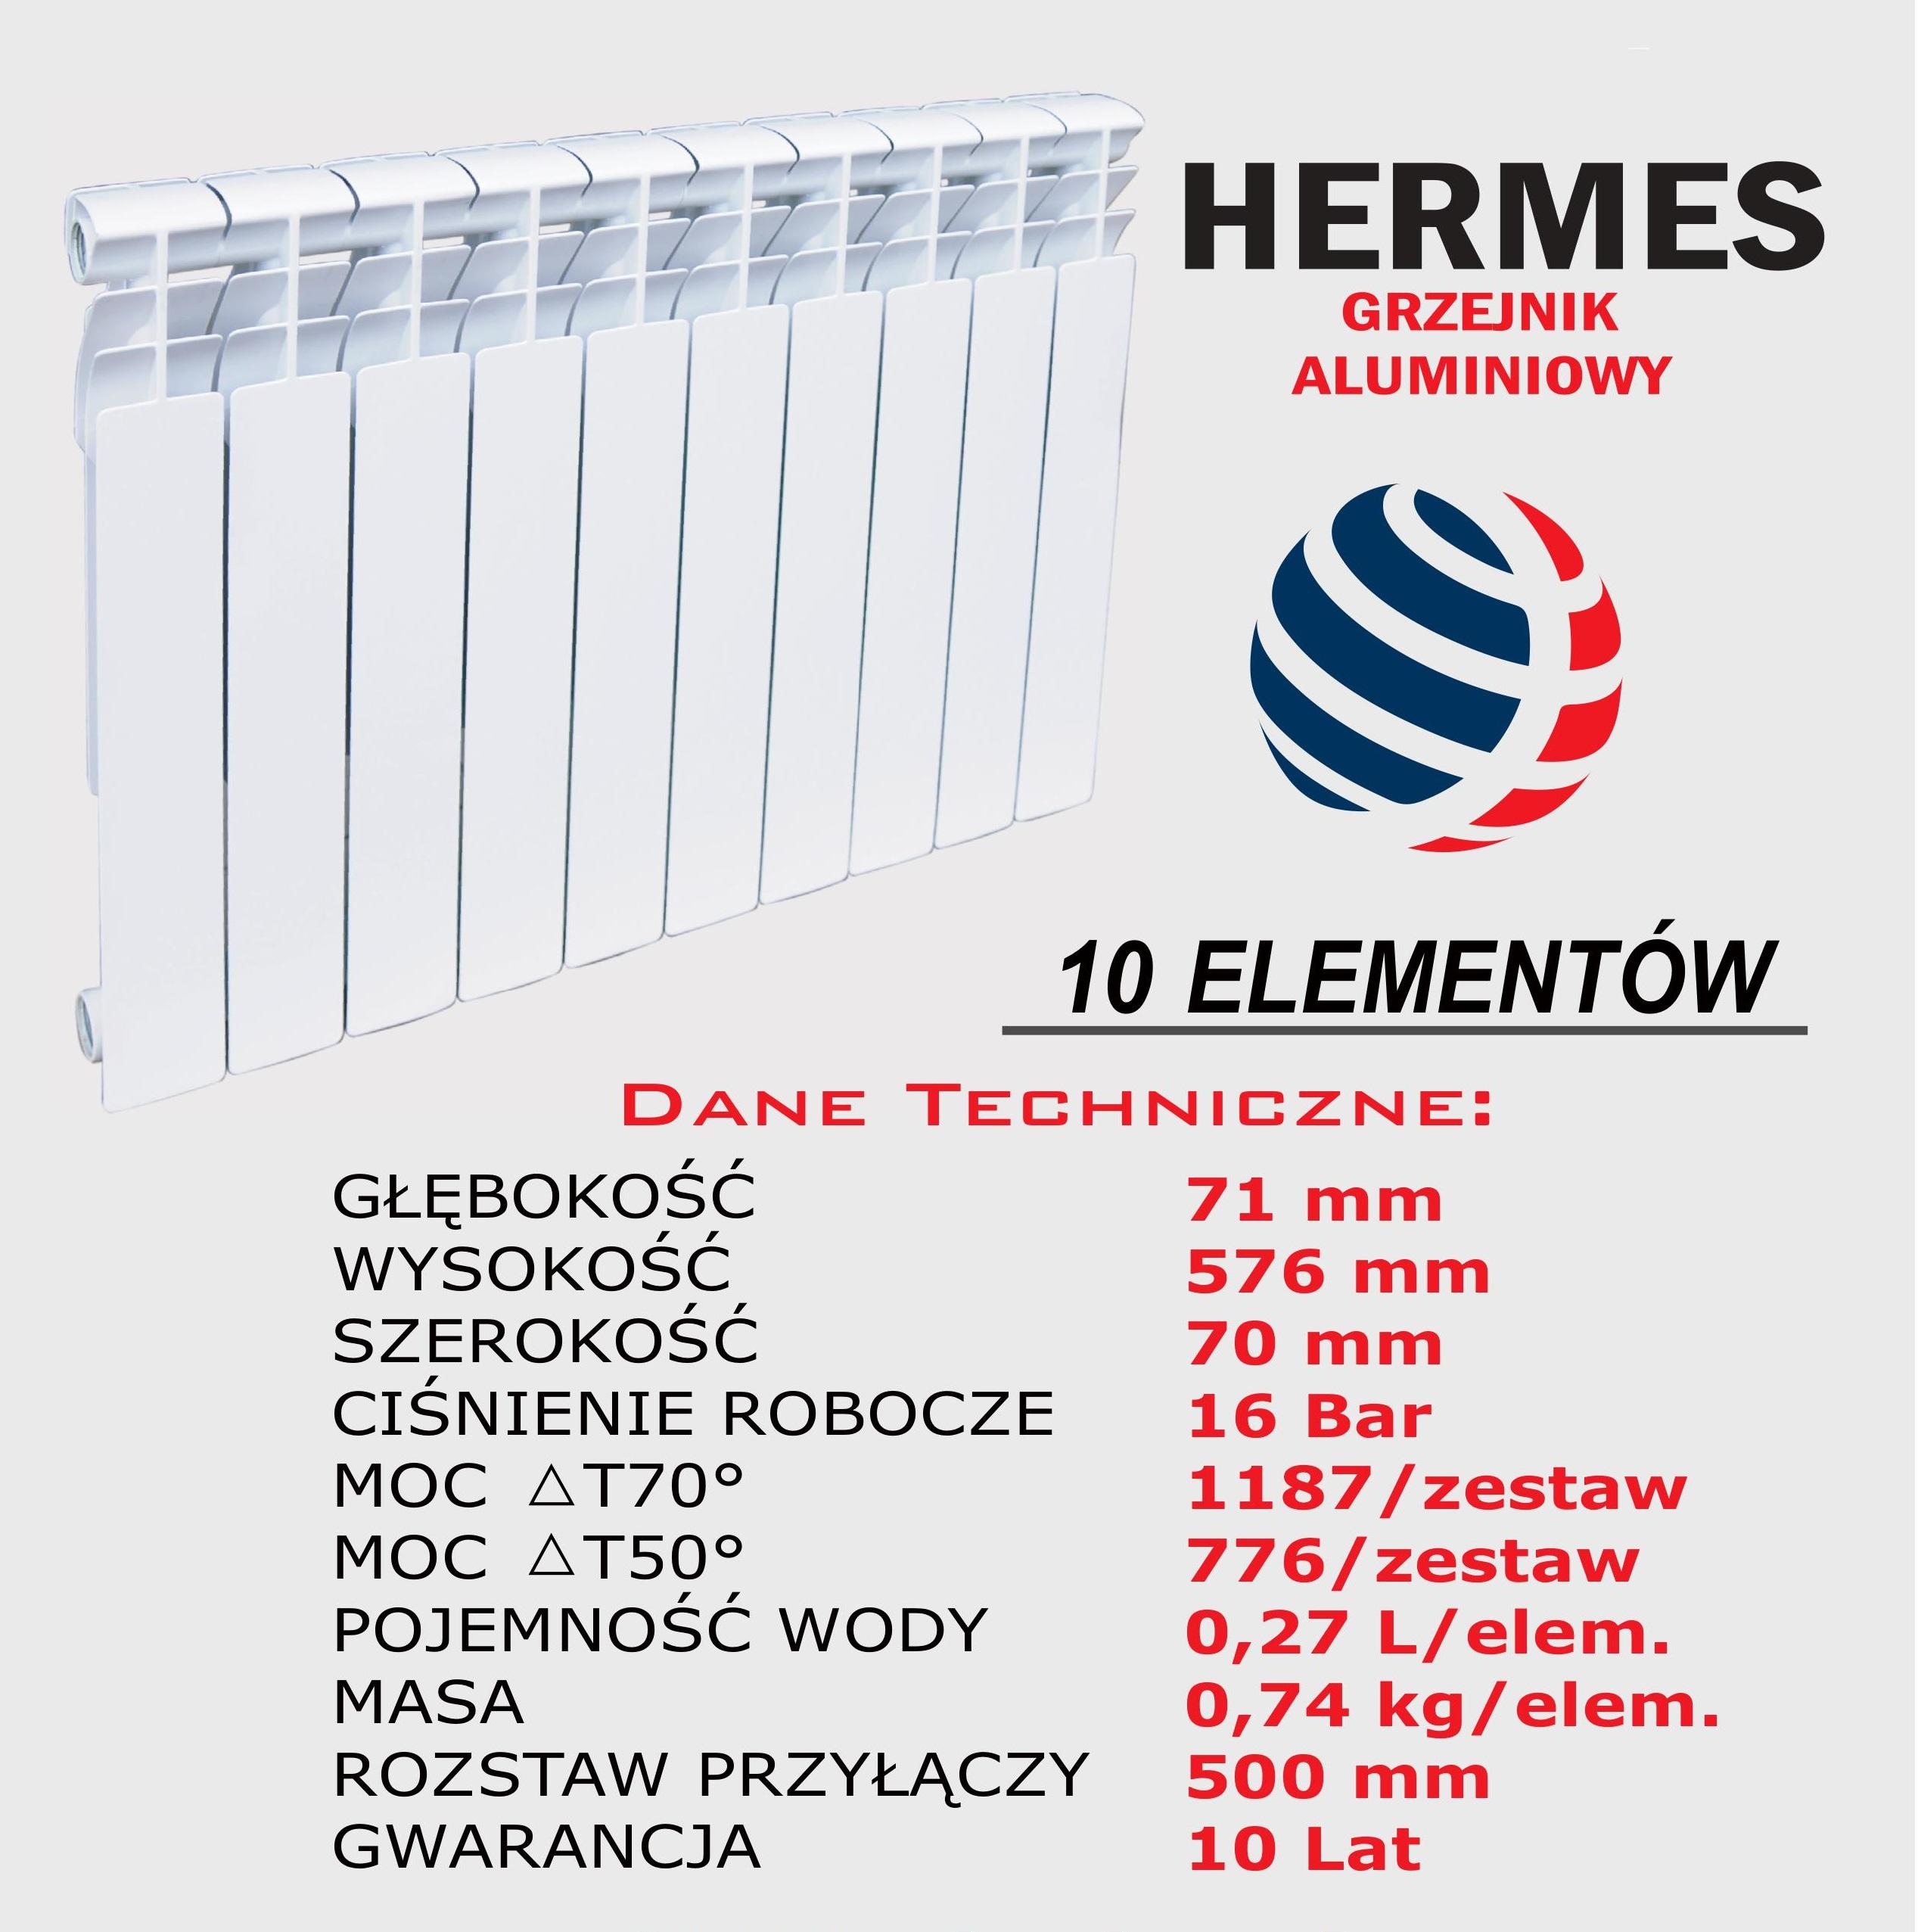 Aluminiowy grzejnik żeberkowy HERMES 70 mm